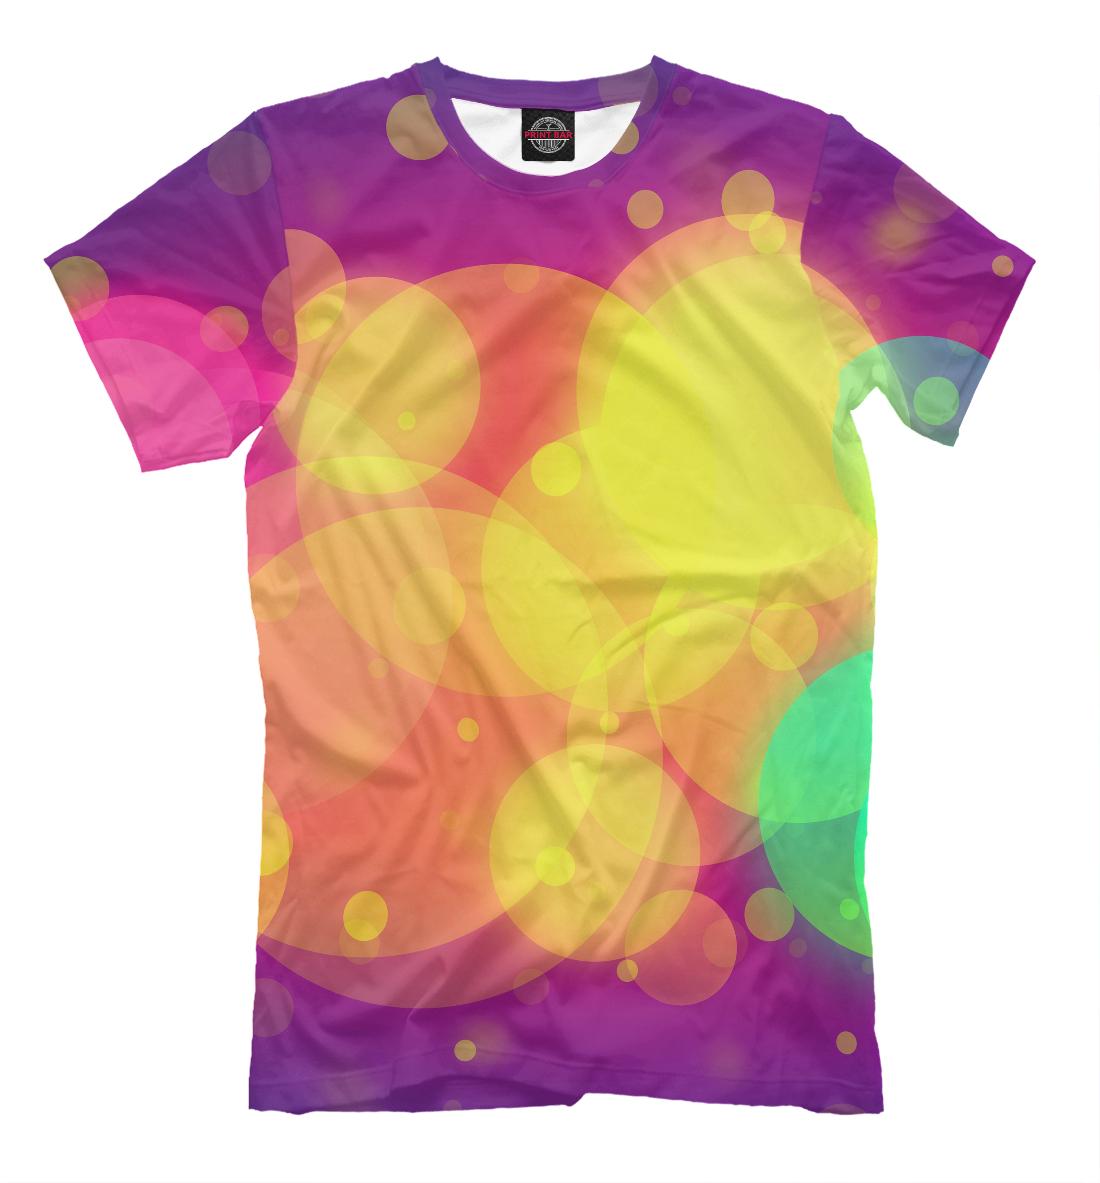 Купить Цветные блики, Printbar, Футболки, APD-940431-fut-2